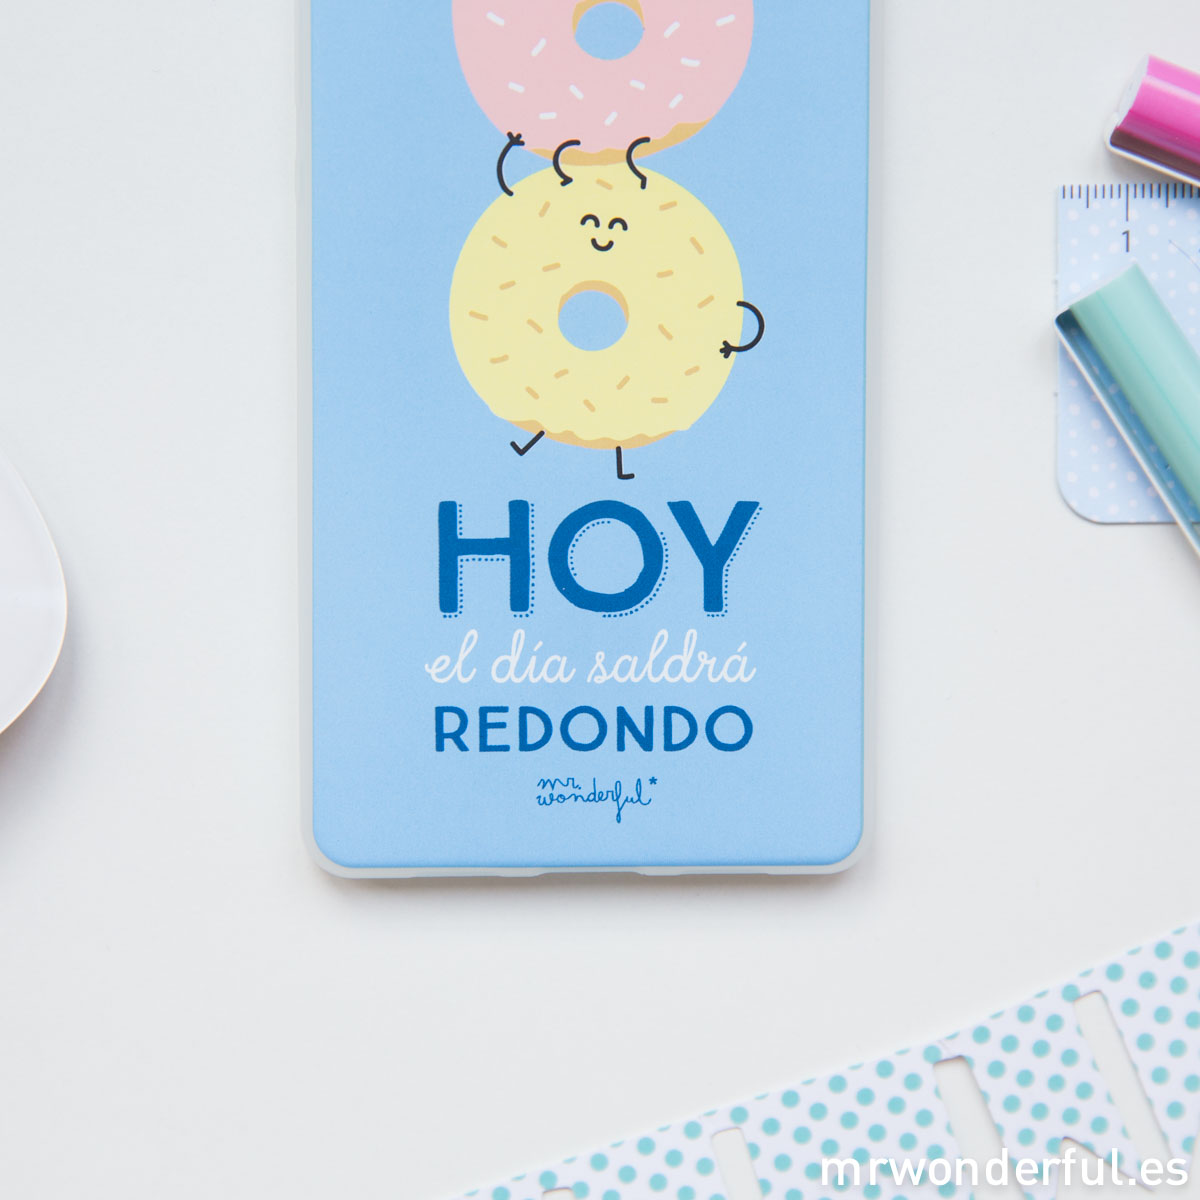 mrwonderful_WOA03240_8436557681270_carcasa_huawei- P8-lite_hoy-el-dia-saldra-redondo_CAST-9